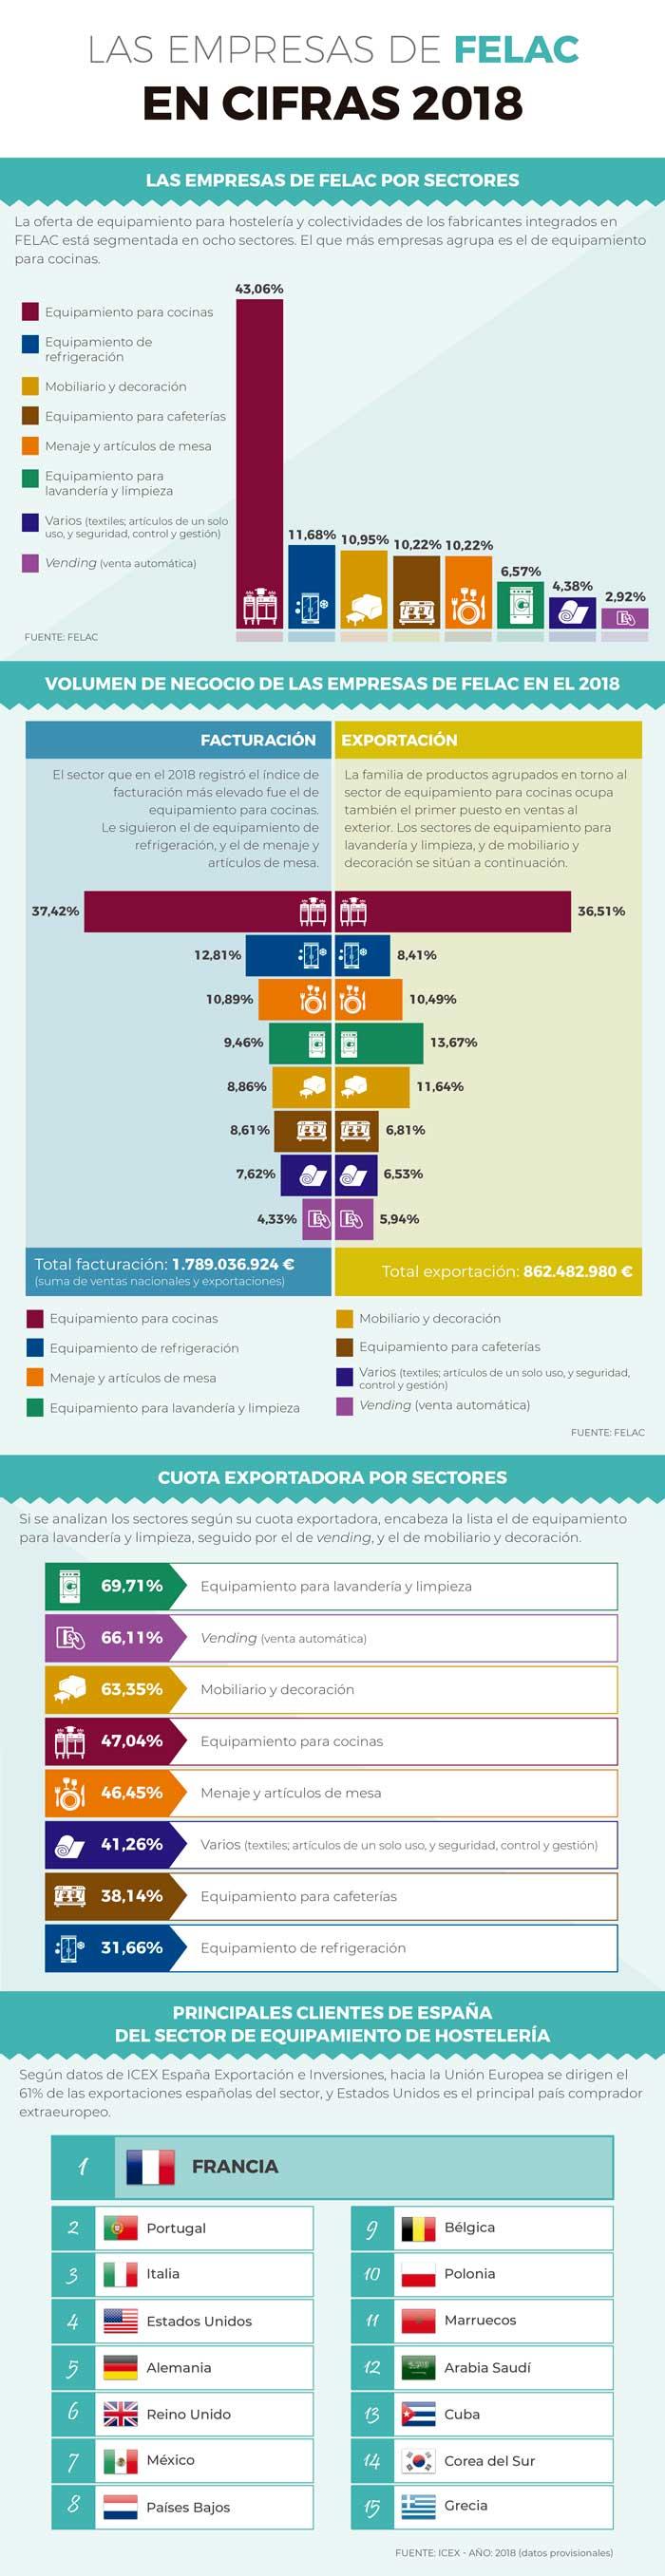 Profesionalhoreca, infografía sobre las empresas de Felac en 2018